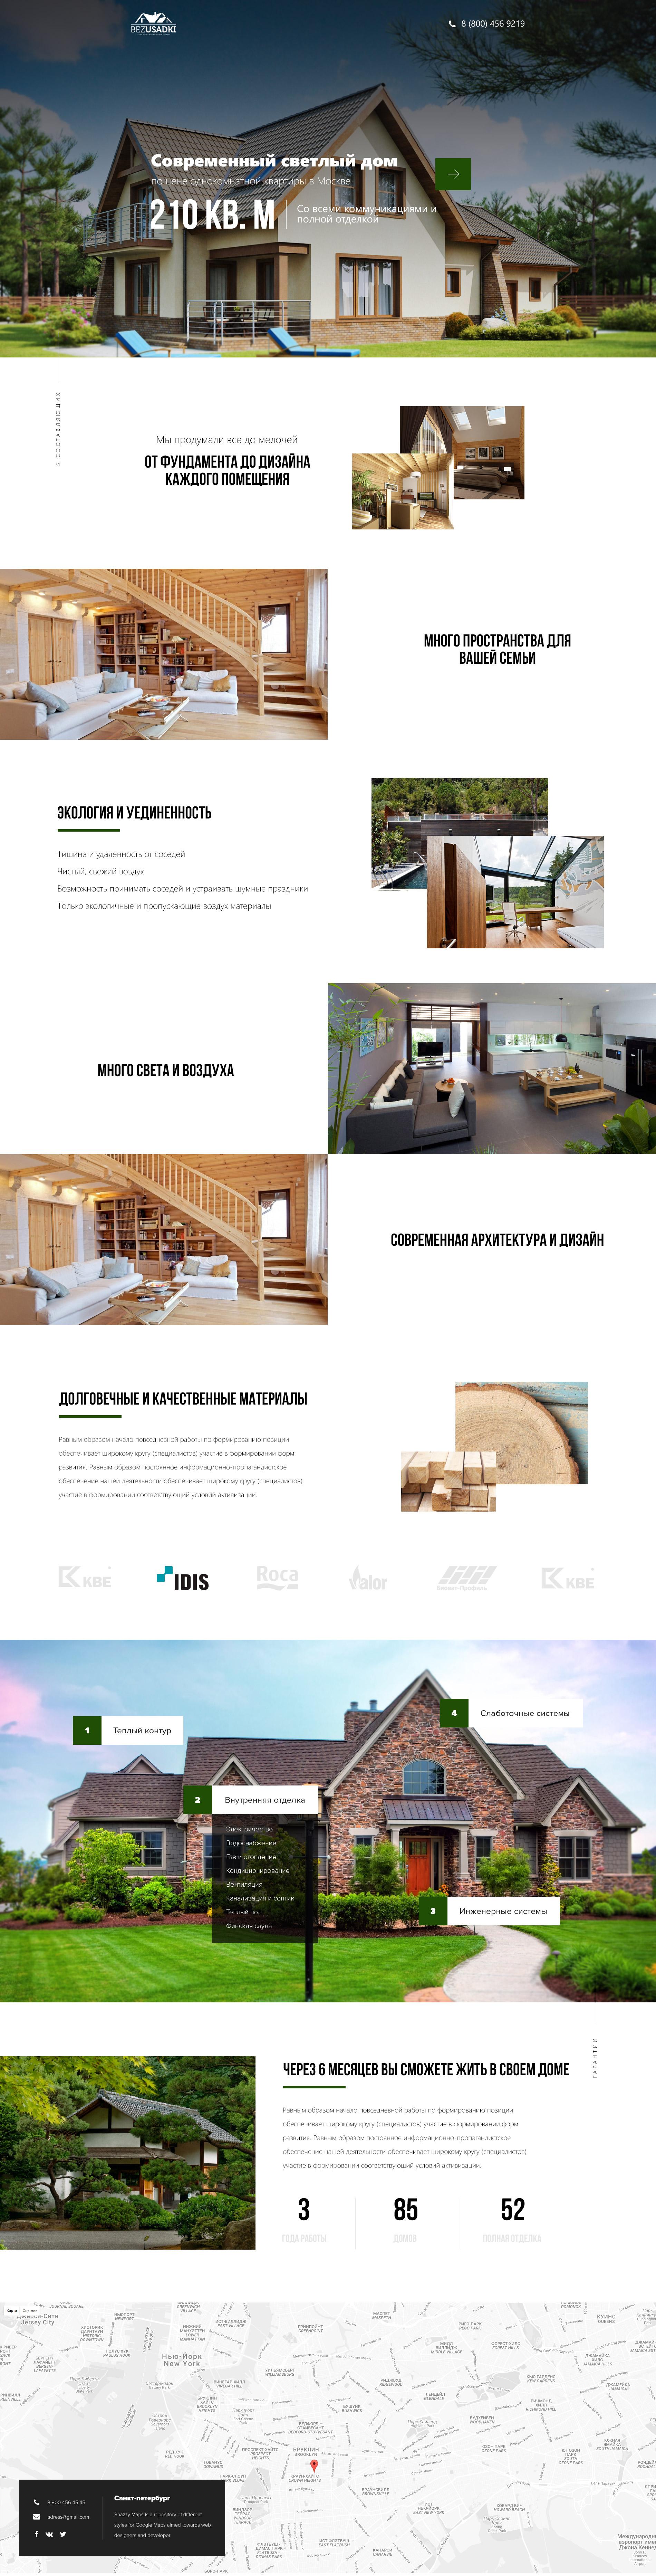 Дизайн сайта продажи коттеджей